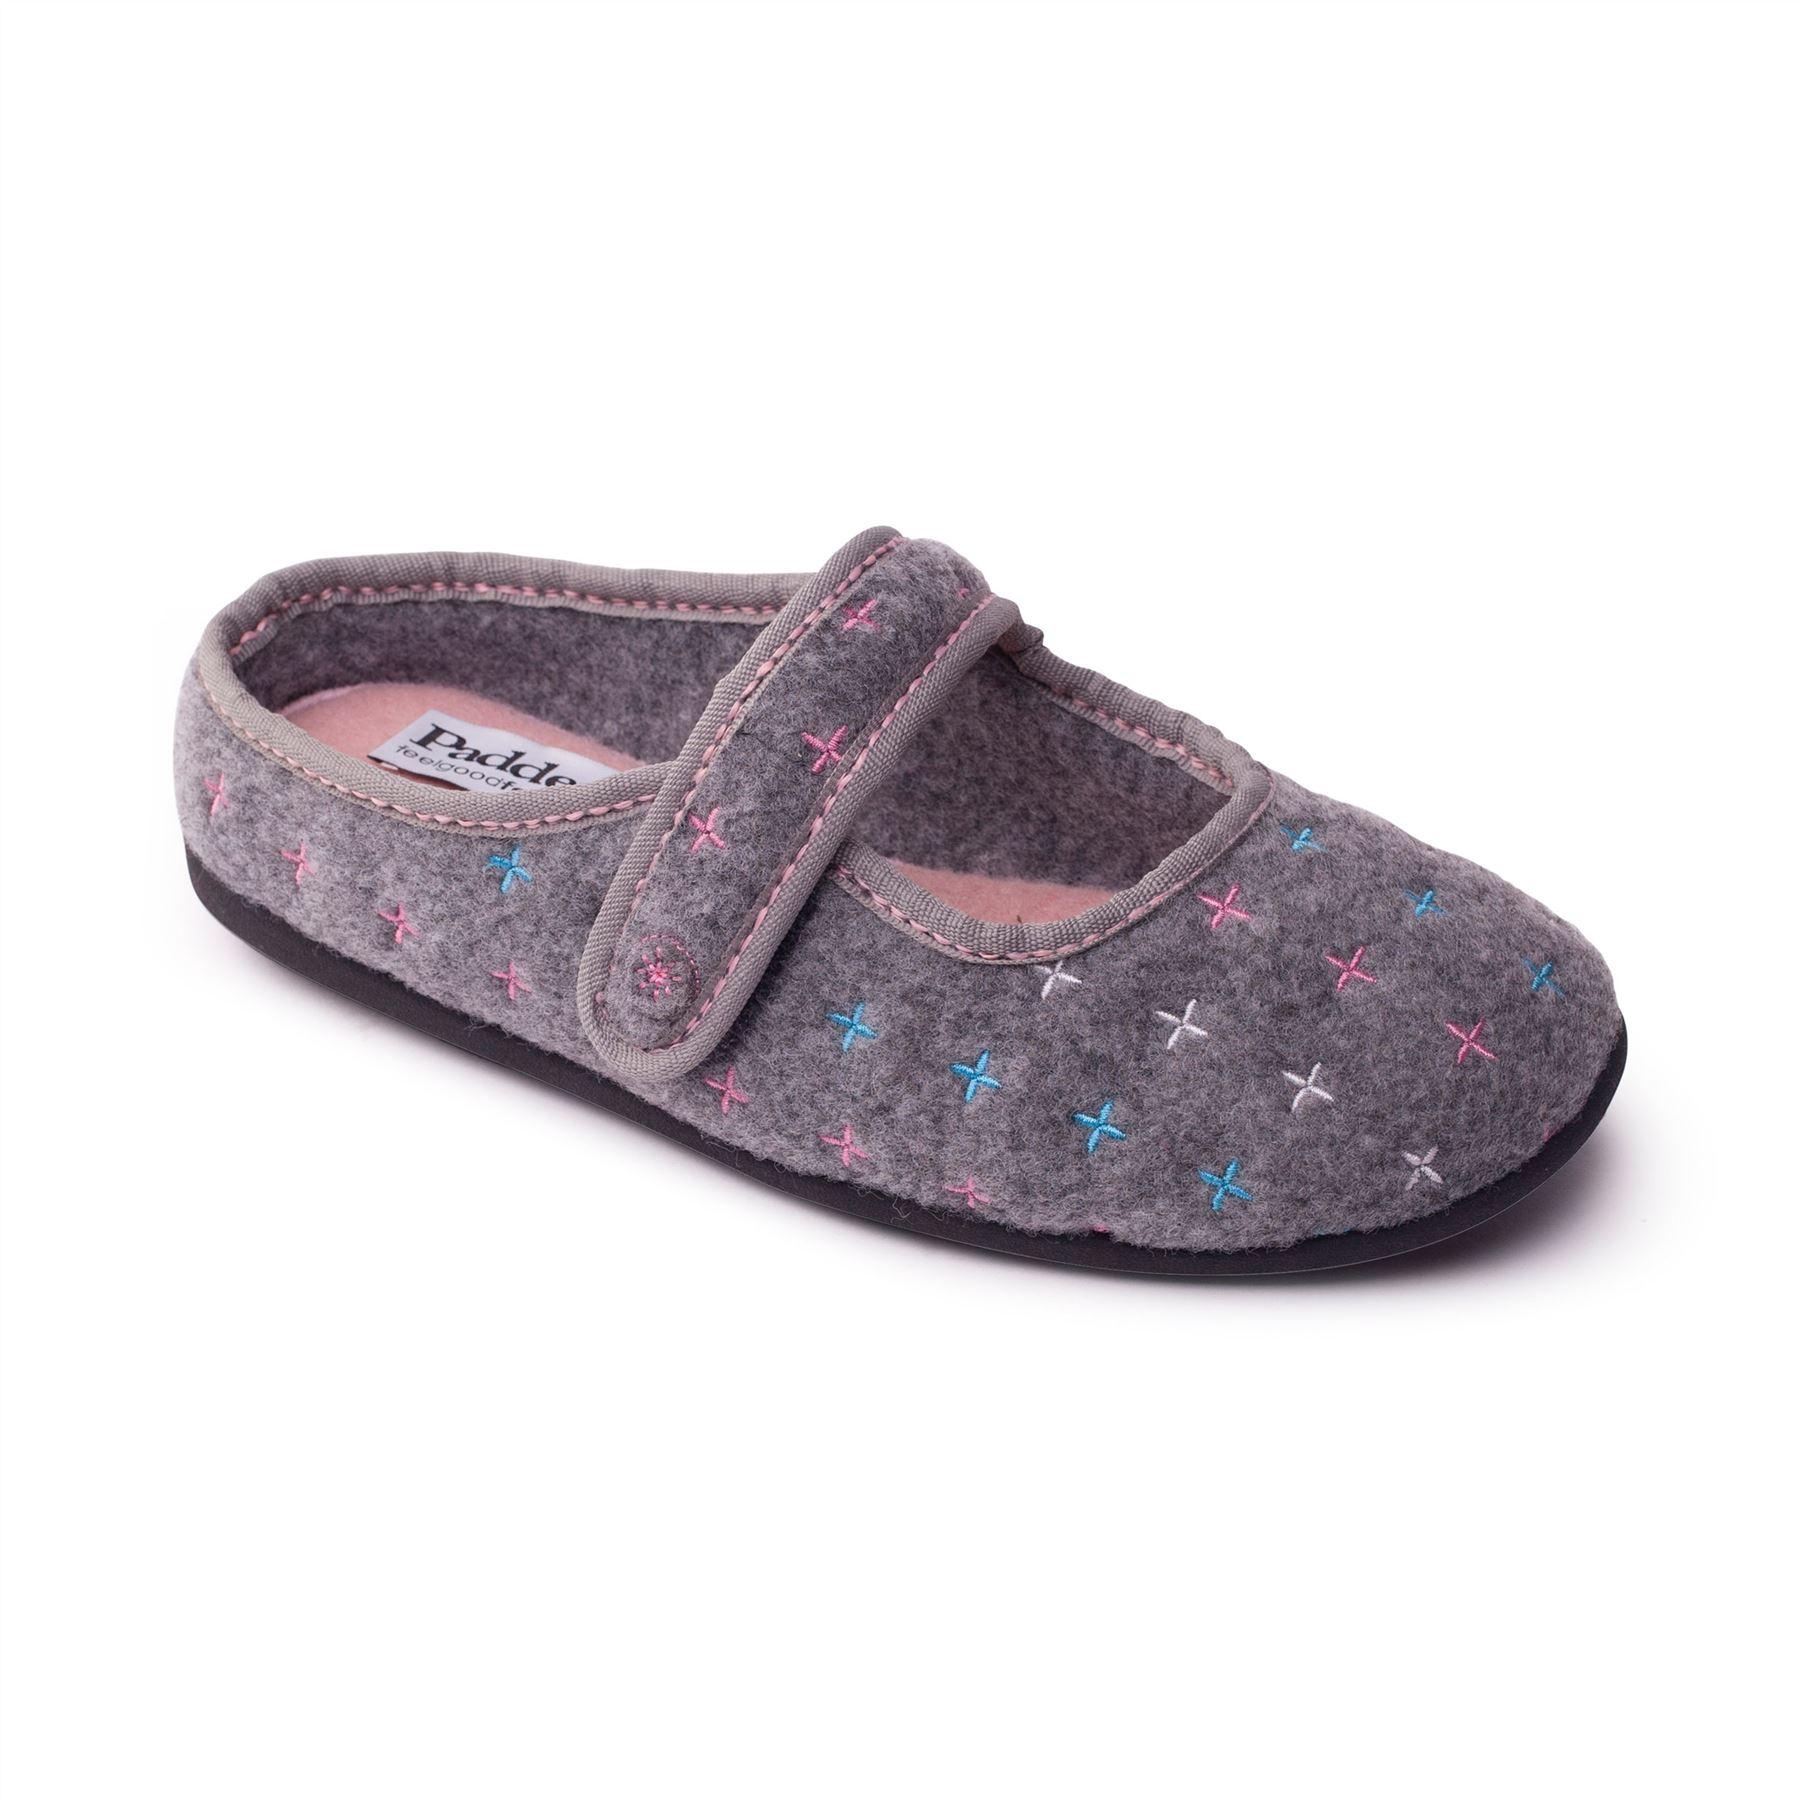 Padders zapatos de las mujeres fieltro 'Heidi' hNeAE58Jl